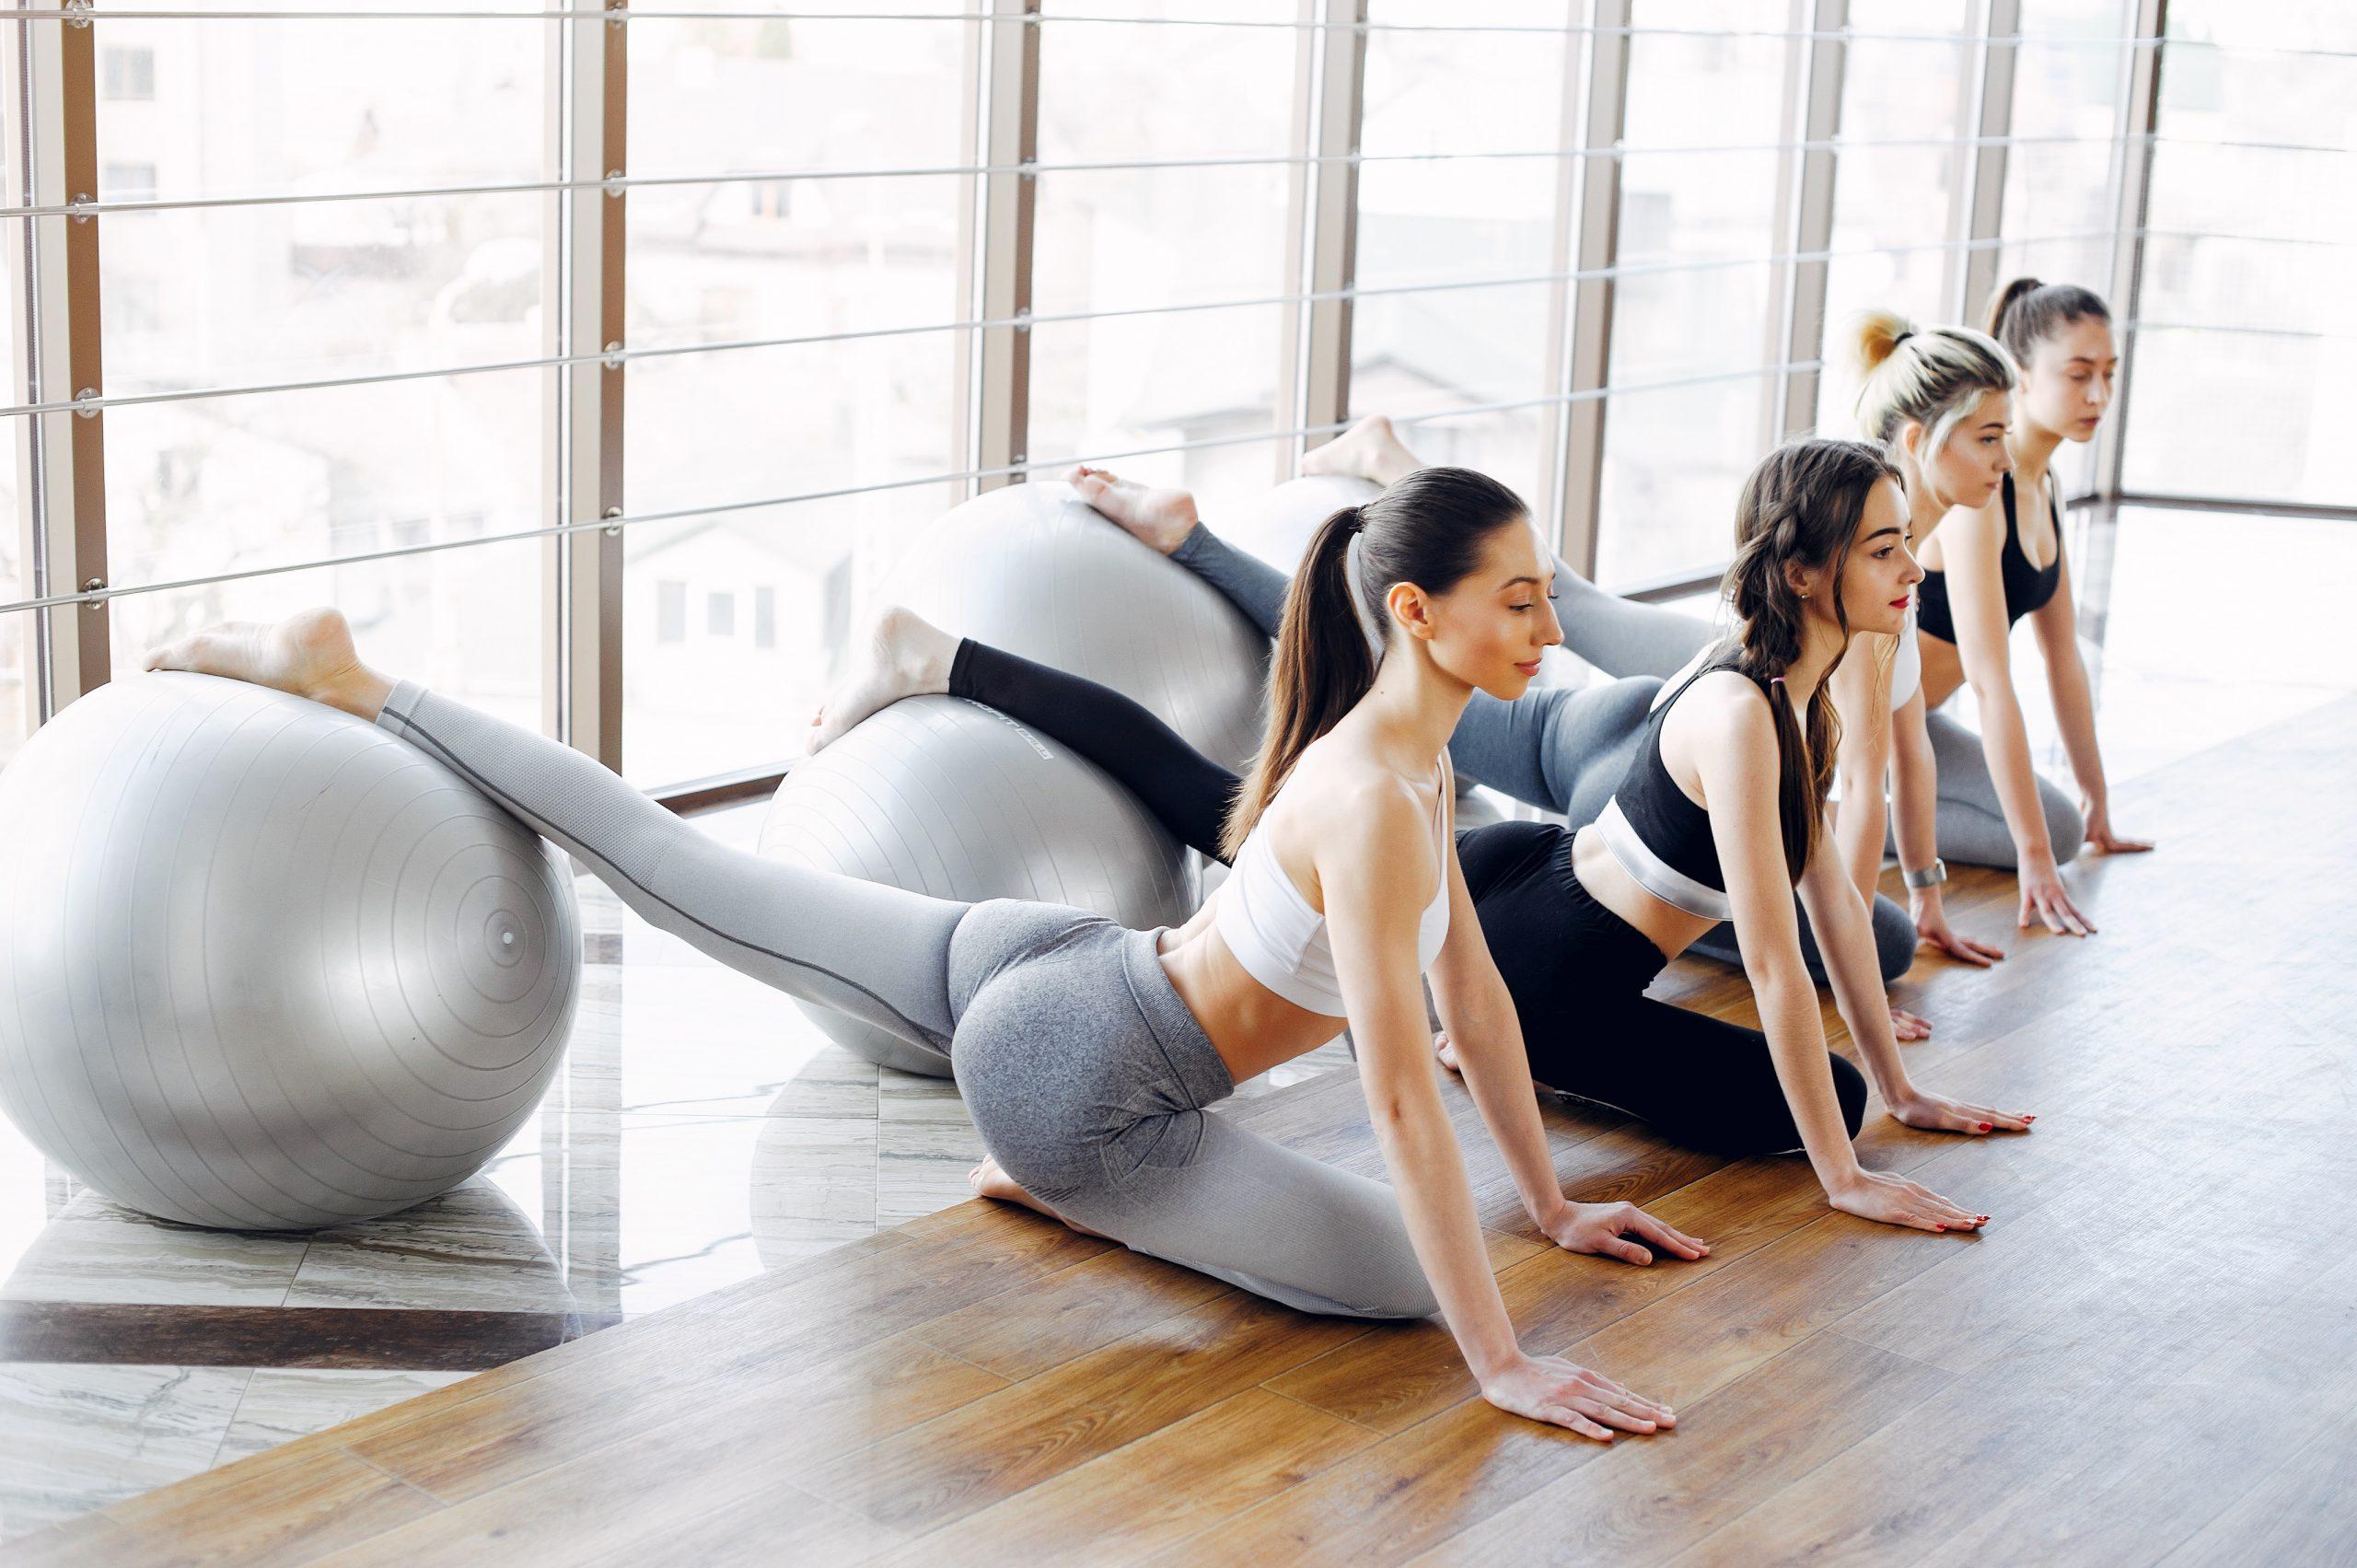 Metoda pilates – na czym polega ten rodzaj treningu i kto może go wykonywać?